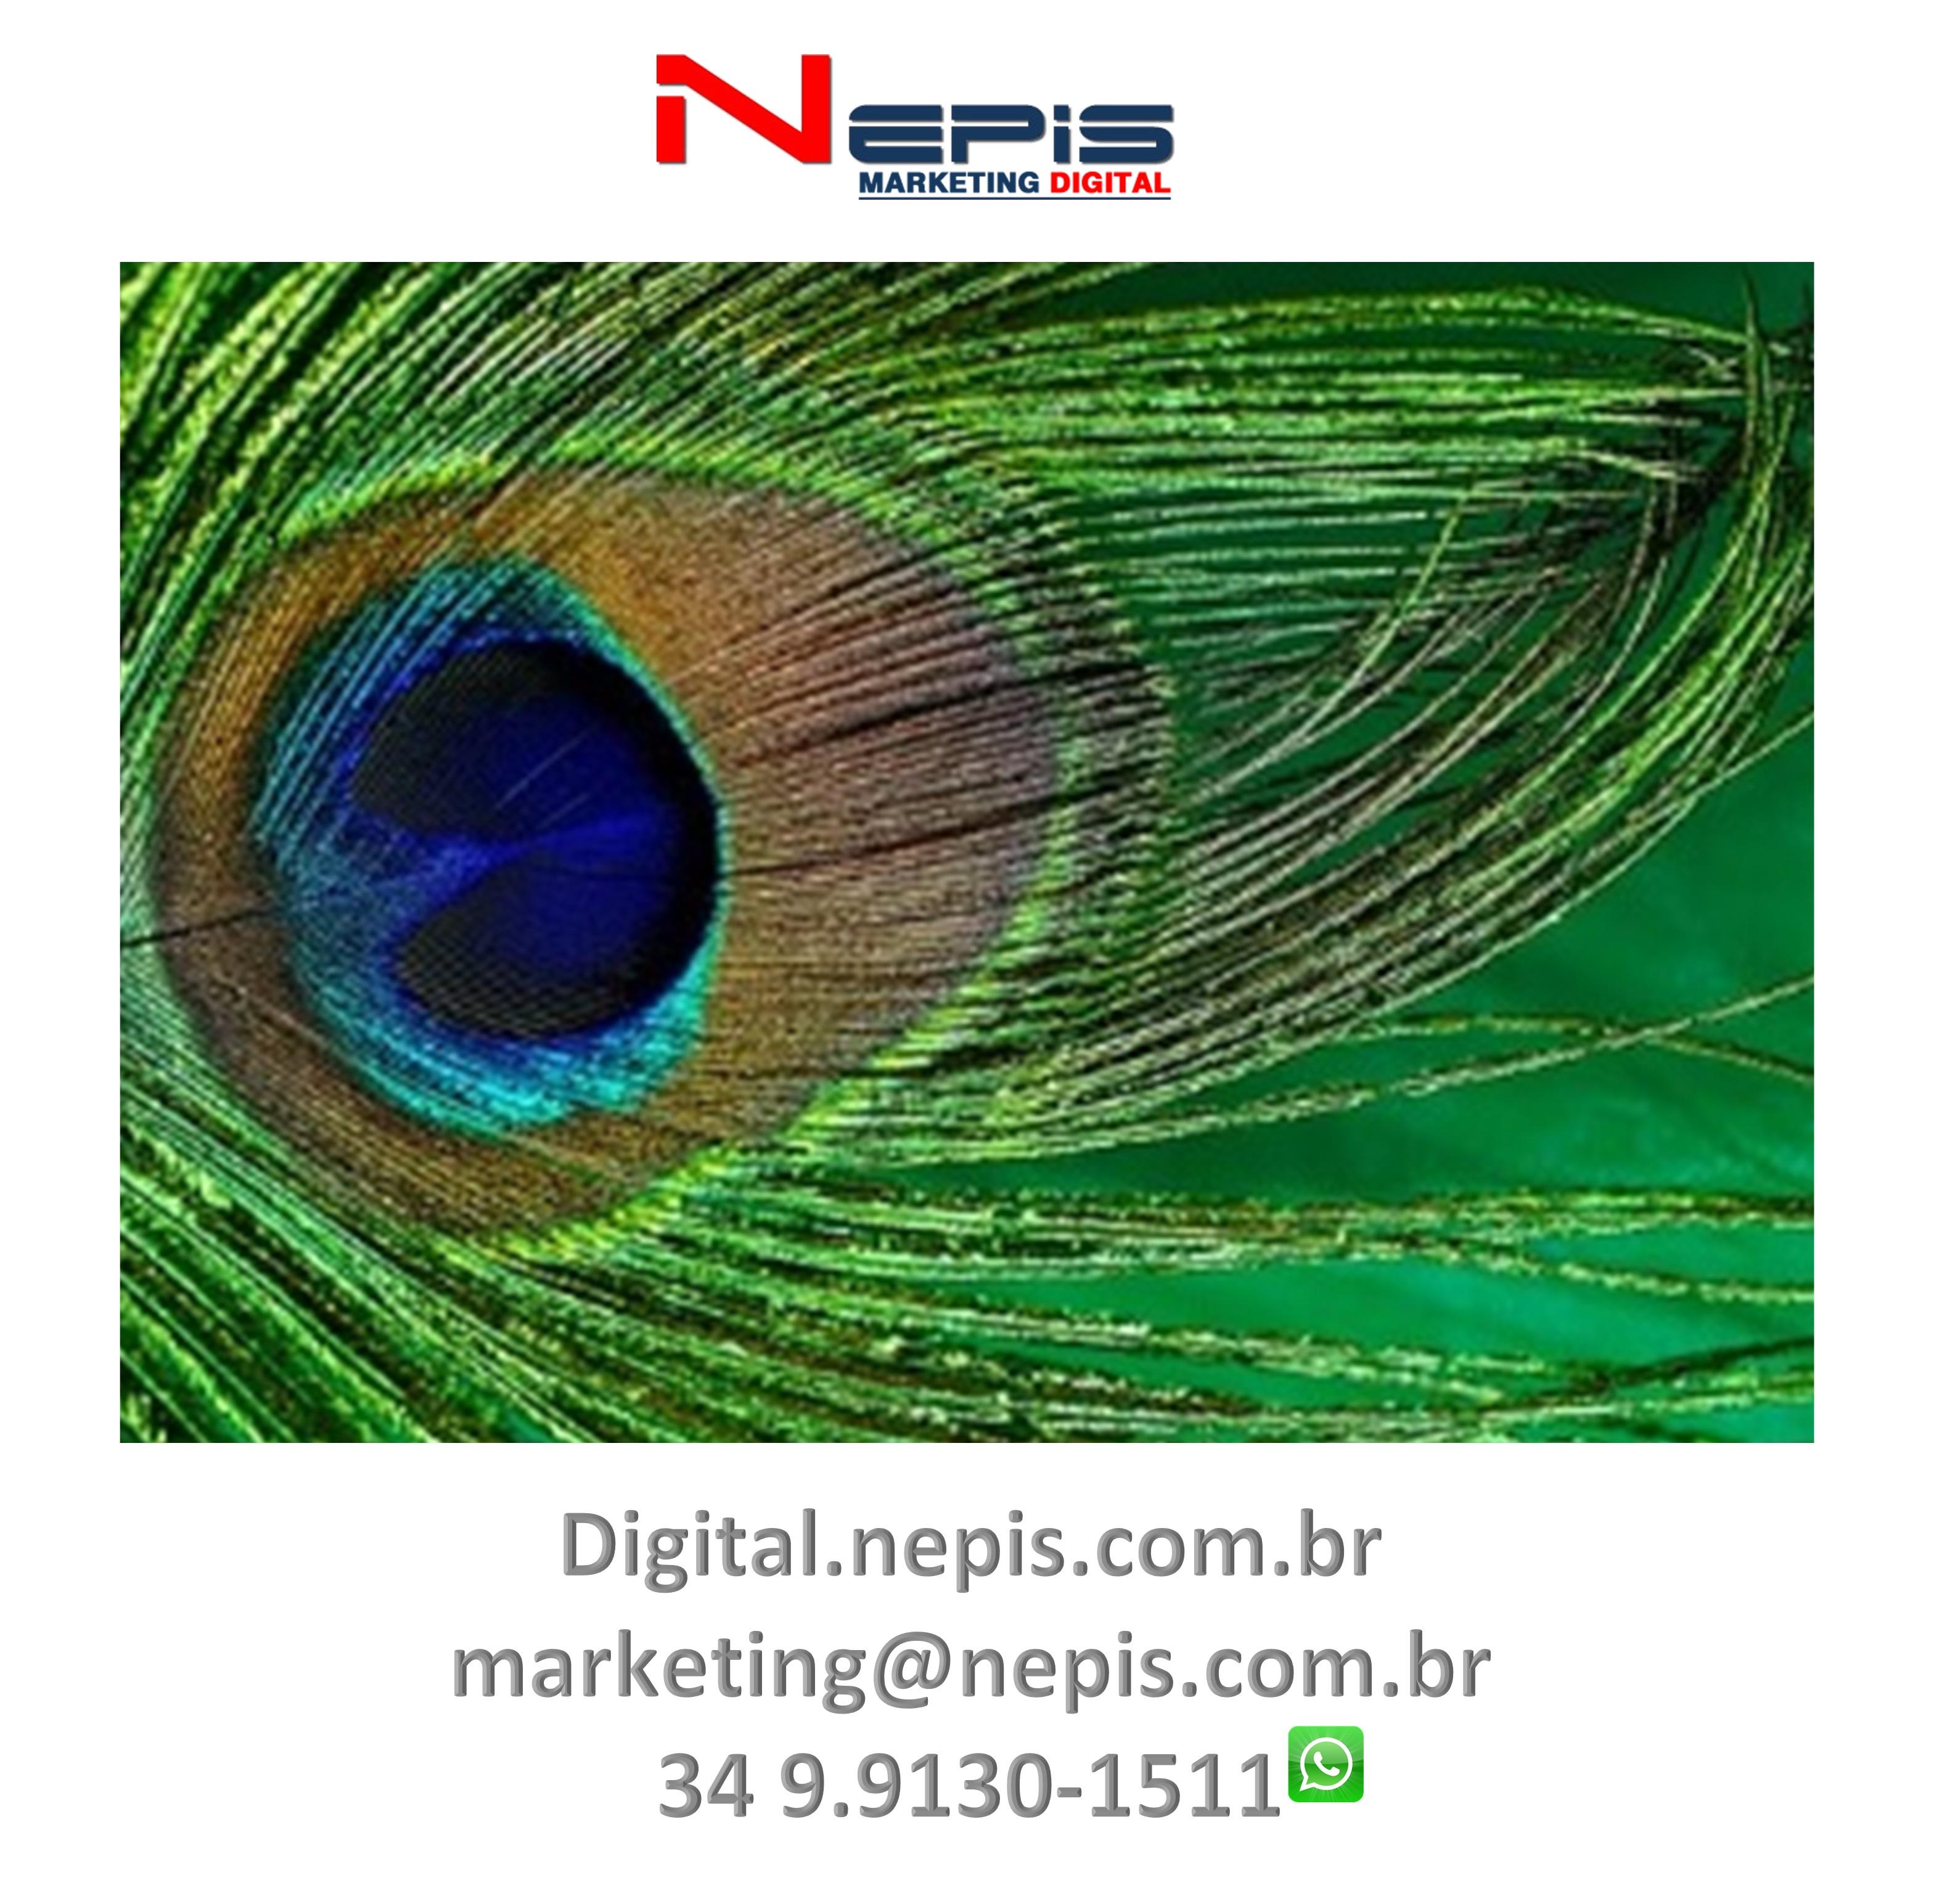 NEPIS Digital Publicidade camapanhas 2